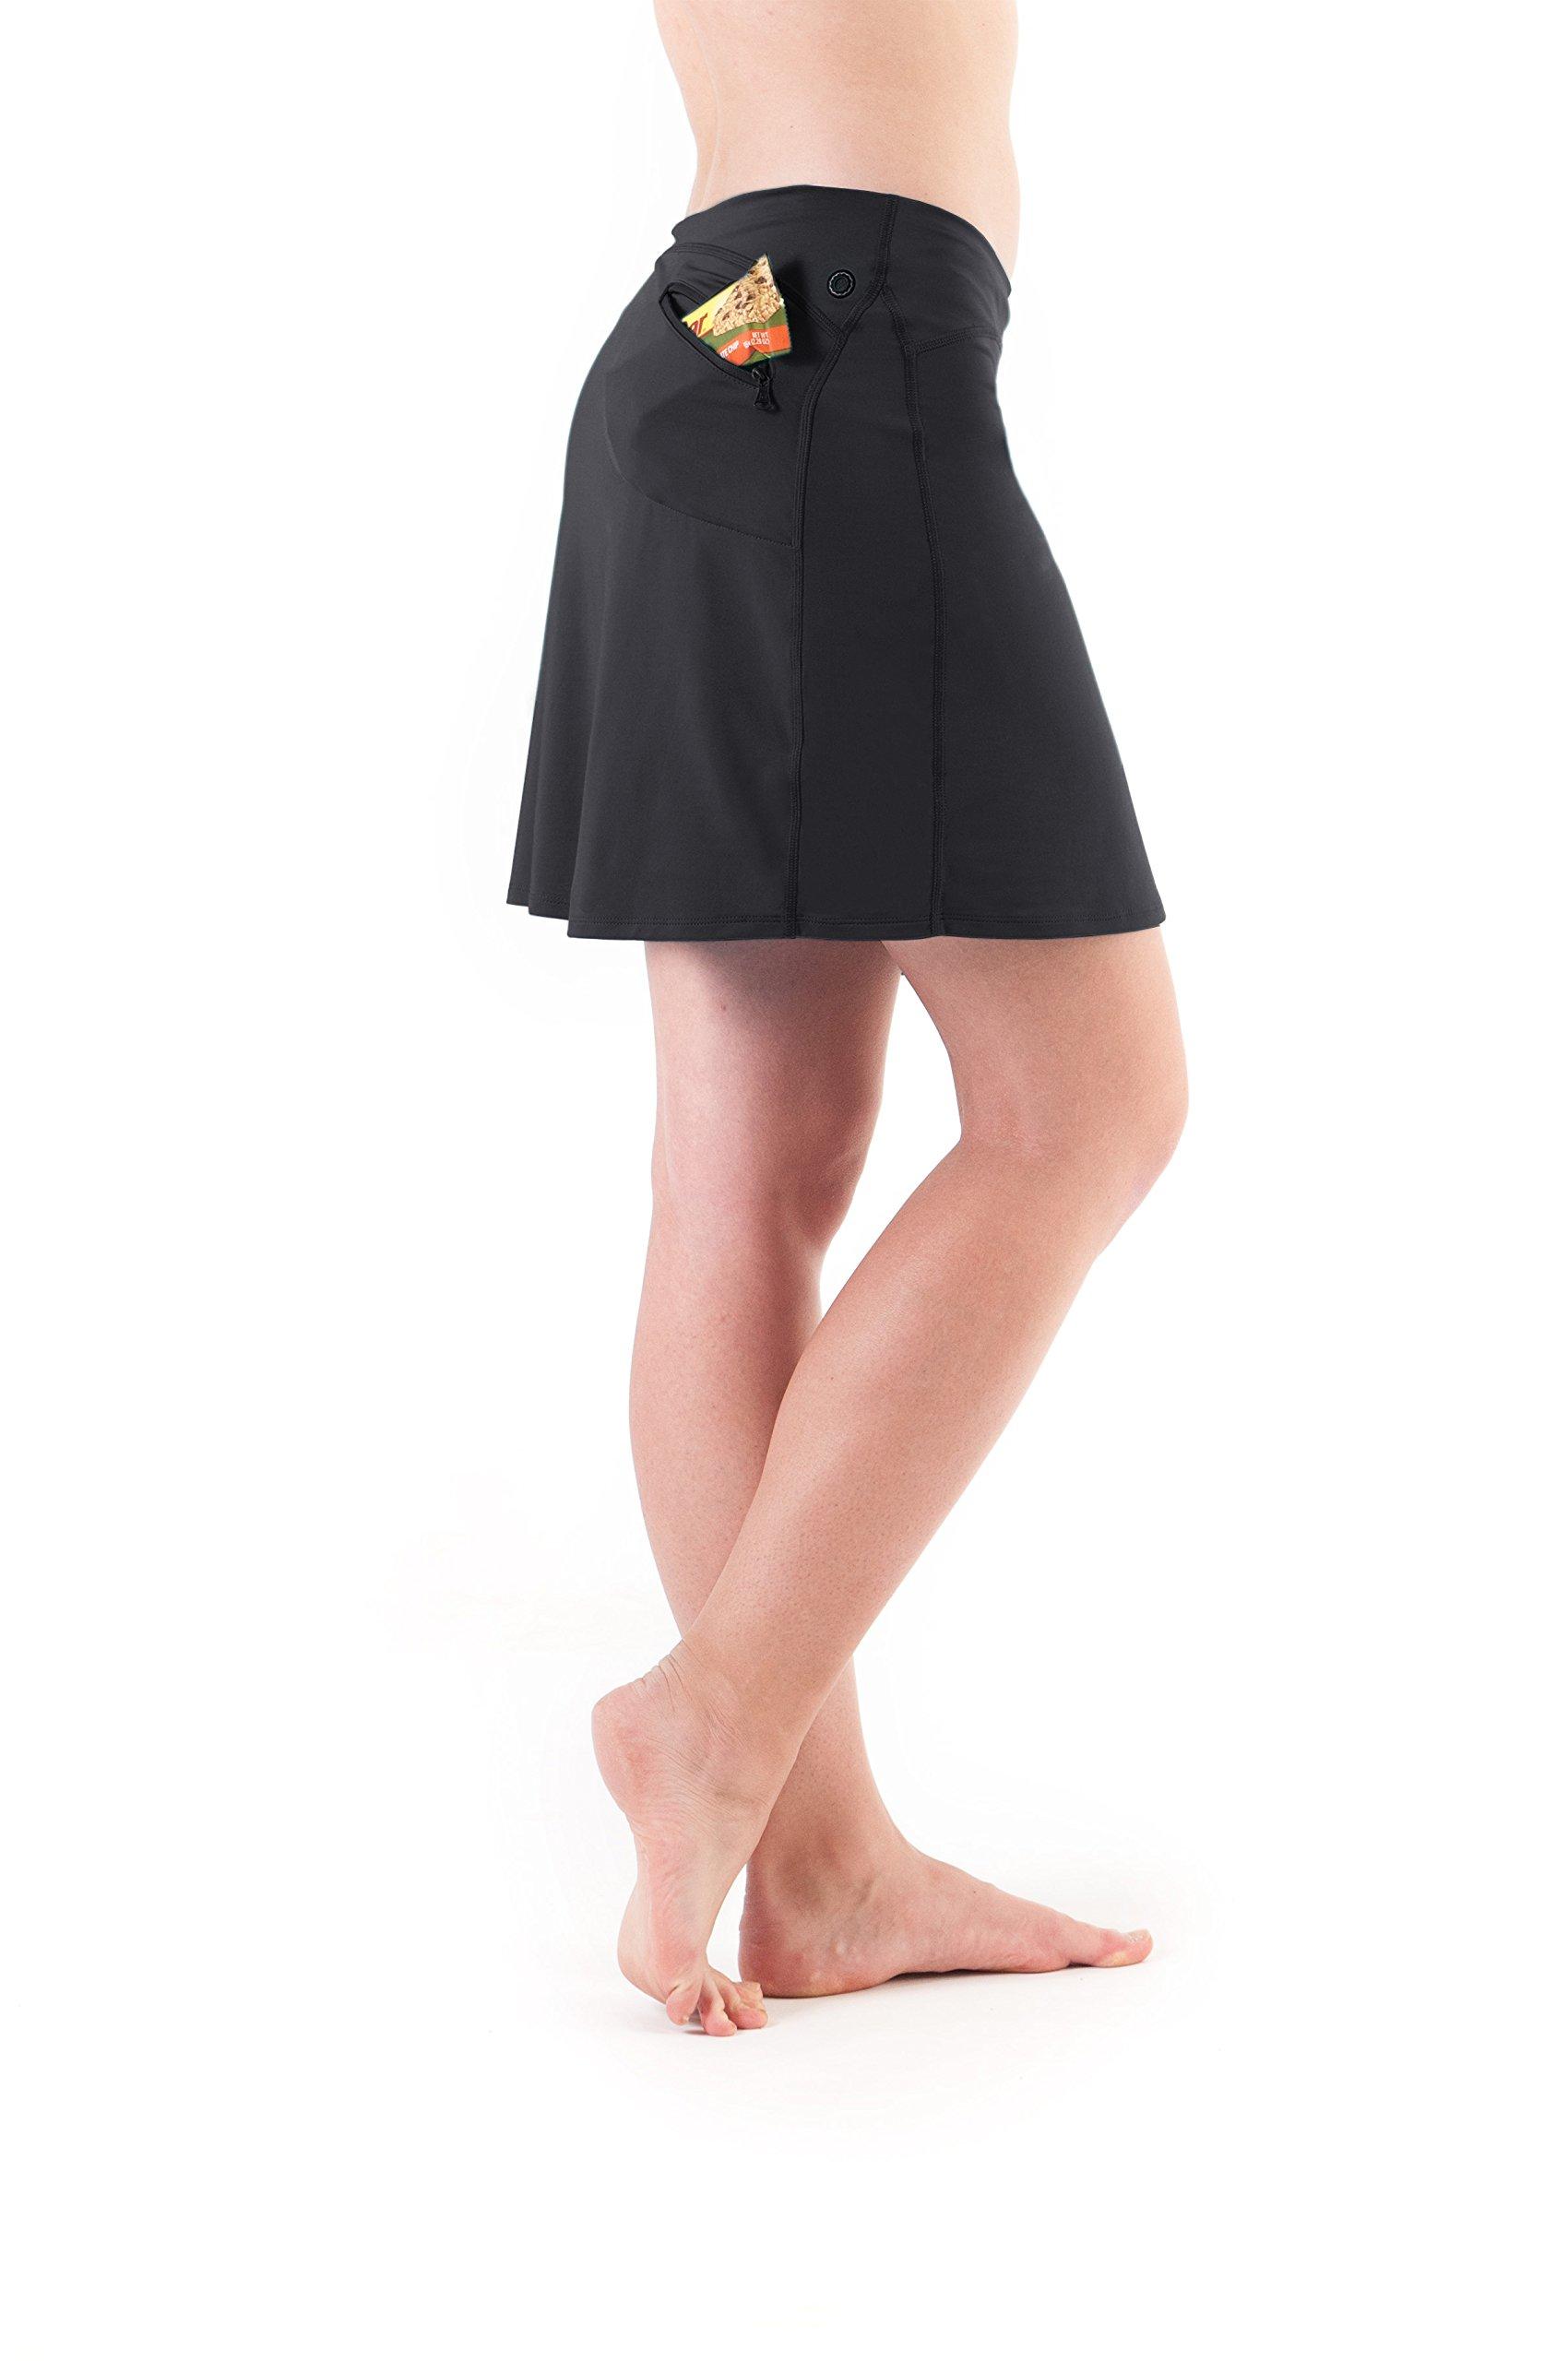 Skirt Sports Women's Happy Girl Skirt by Skirt Sports (Image #2)